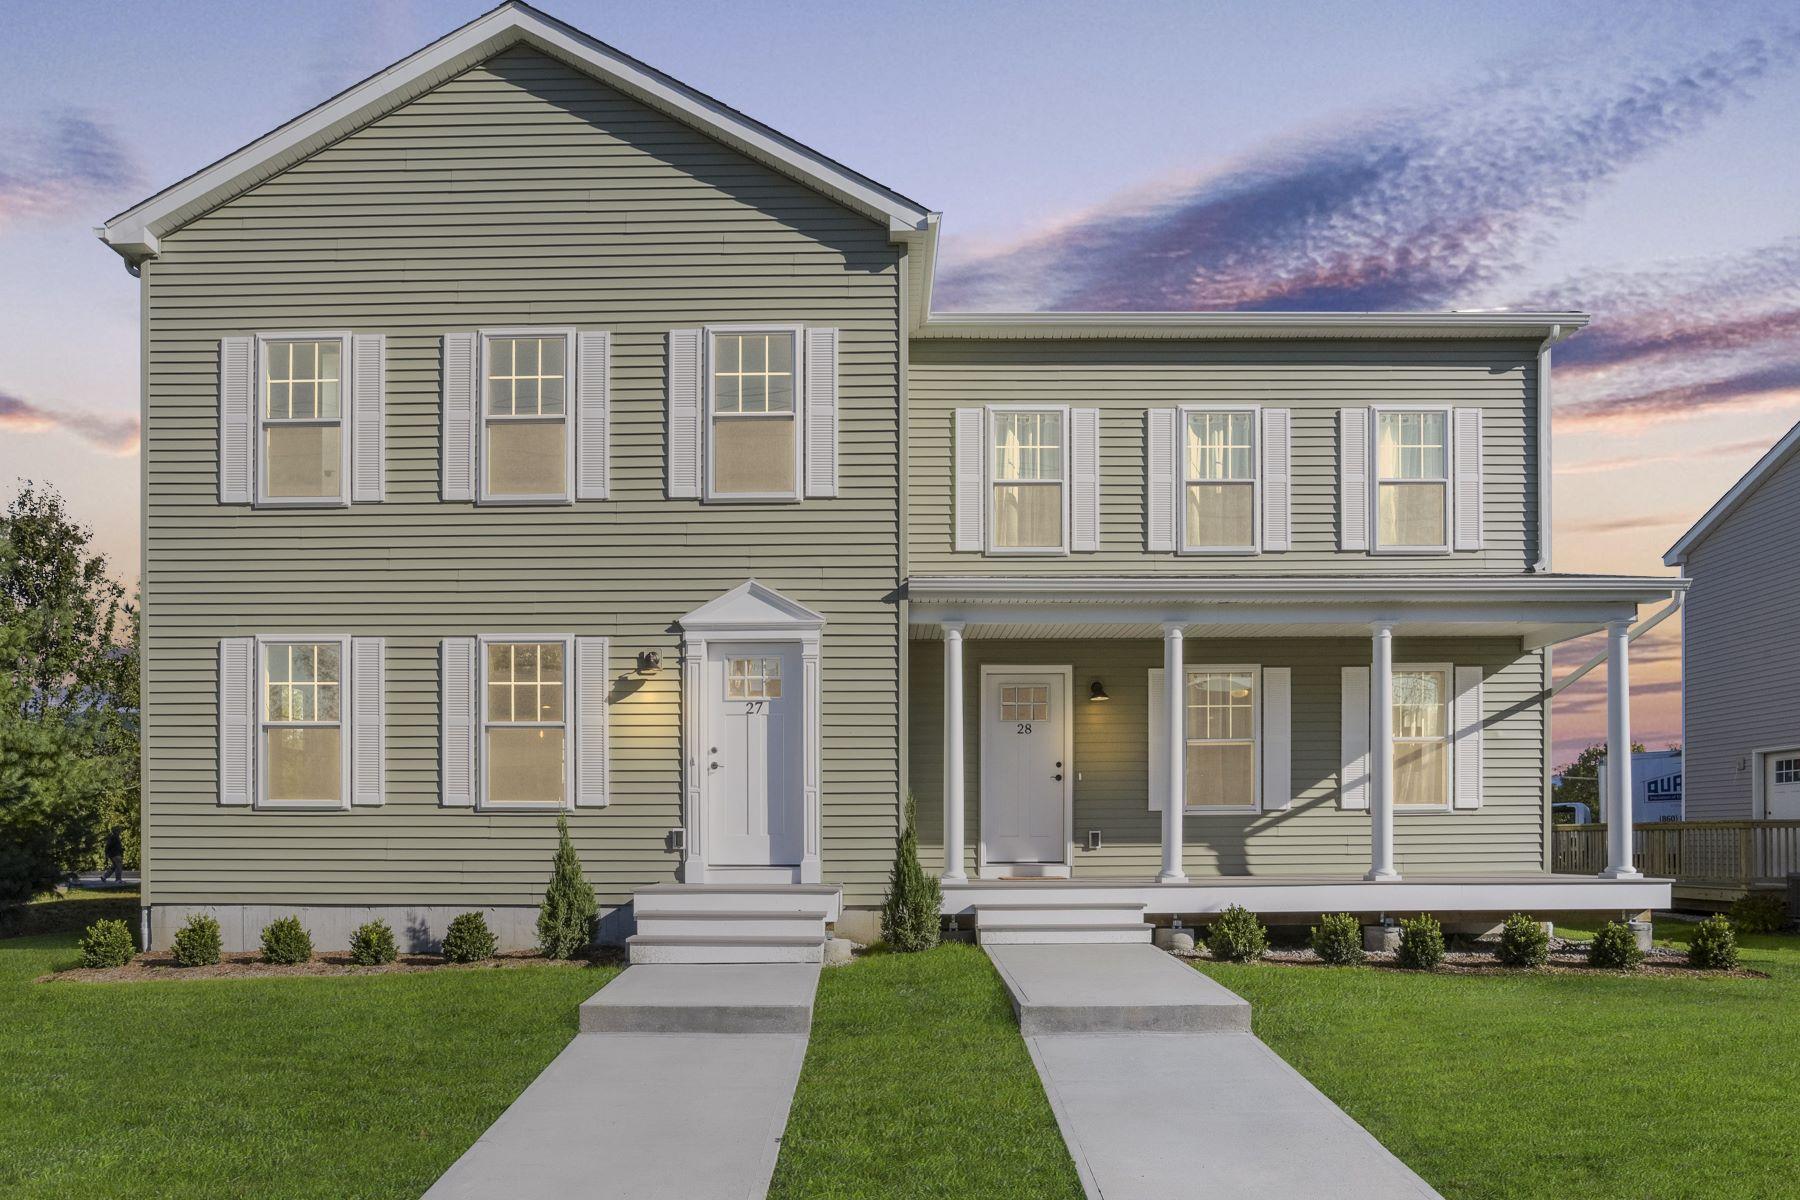 Condominiums 为 销售 在 58 Prospect Street, #31, Stonington, CT 58 Prospect Street, 31 斯通宁顿, 康涅狄格州 06379 美国